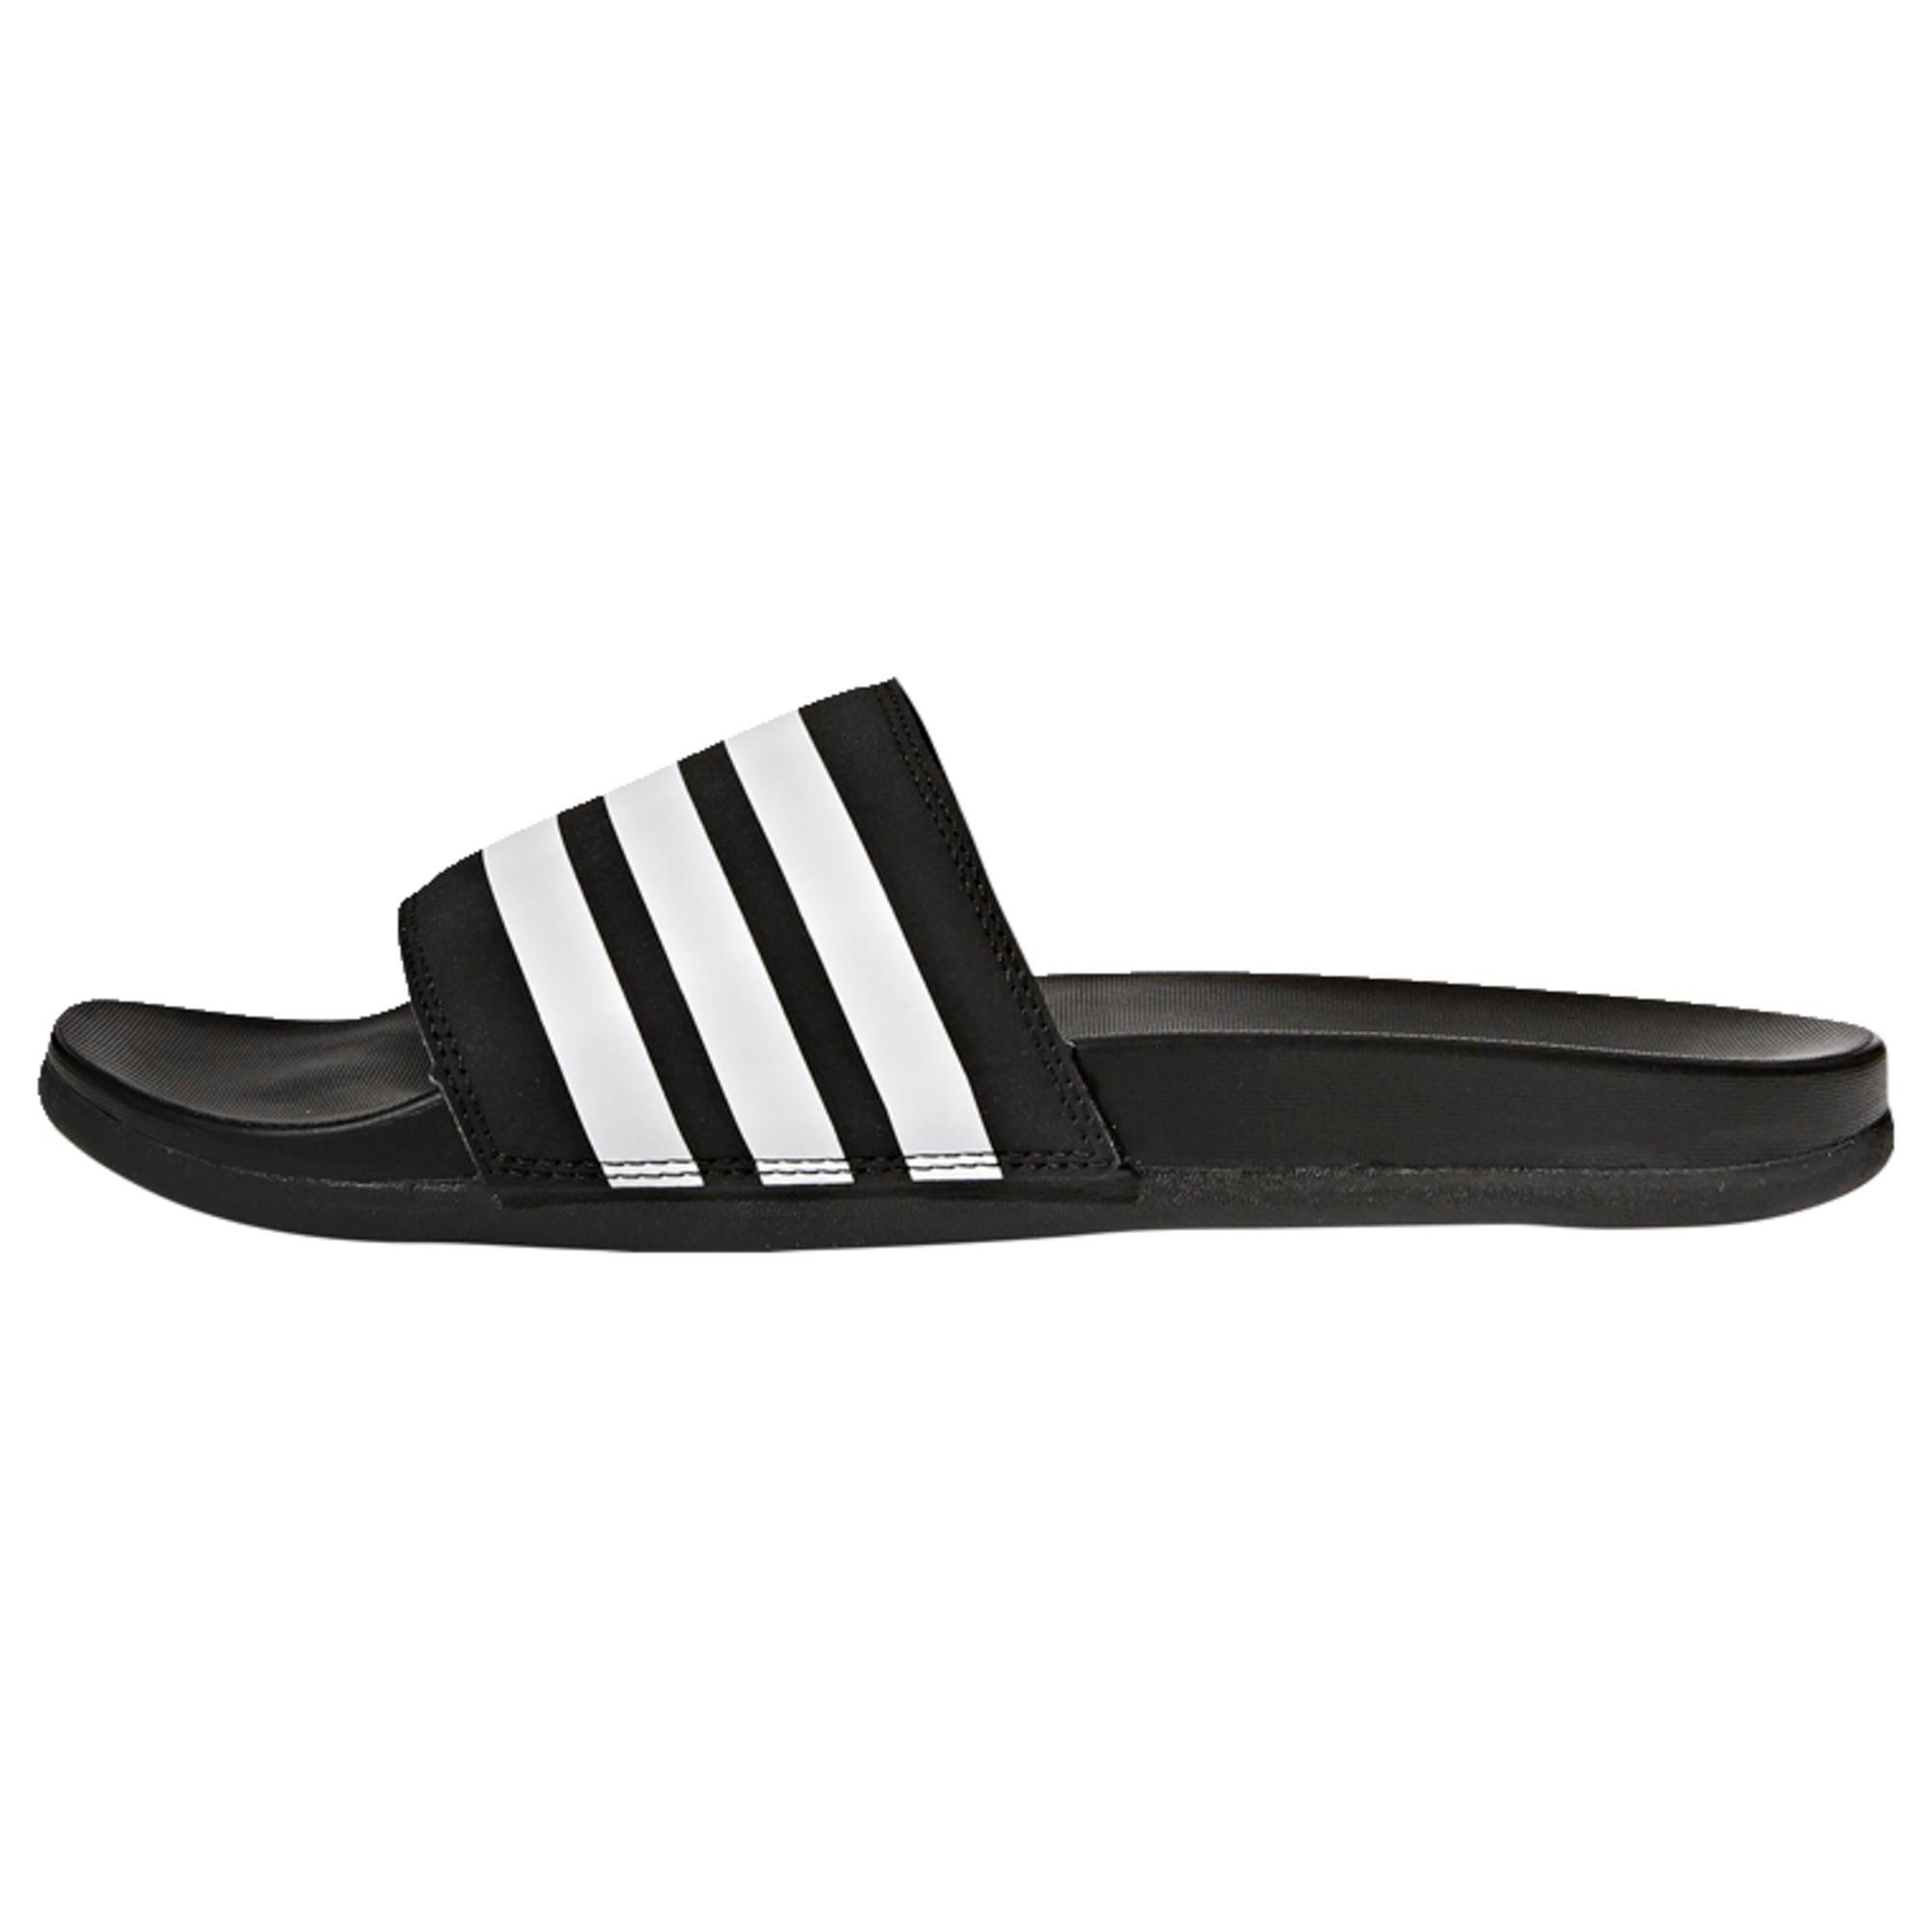 Adidas Adilette Core Schuhe beliebte Qualität Gute kaufen